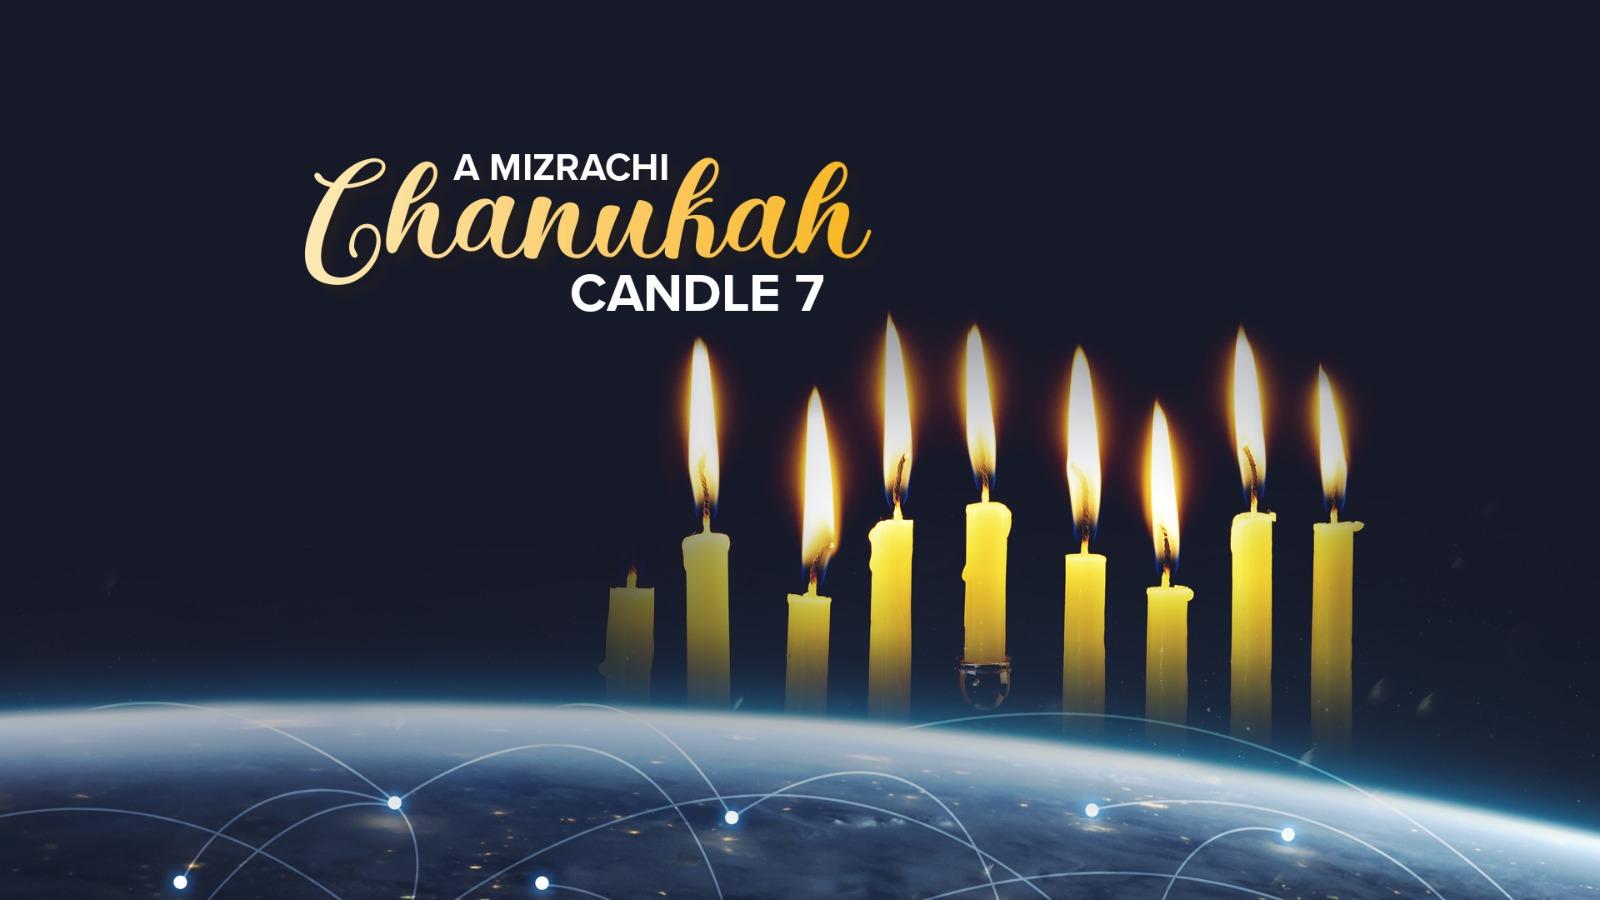 A Mizrachi Chanukah – Candle 7